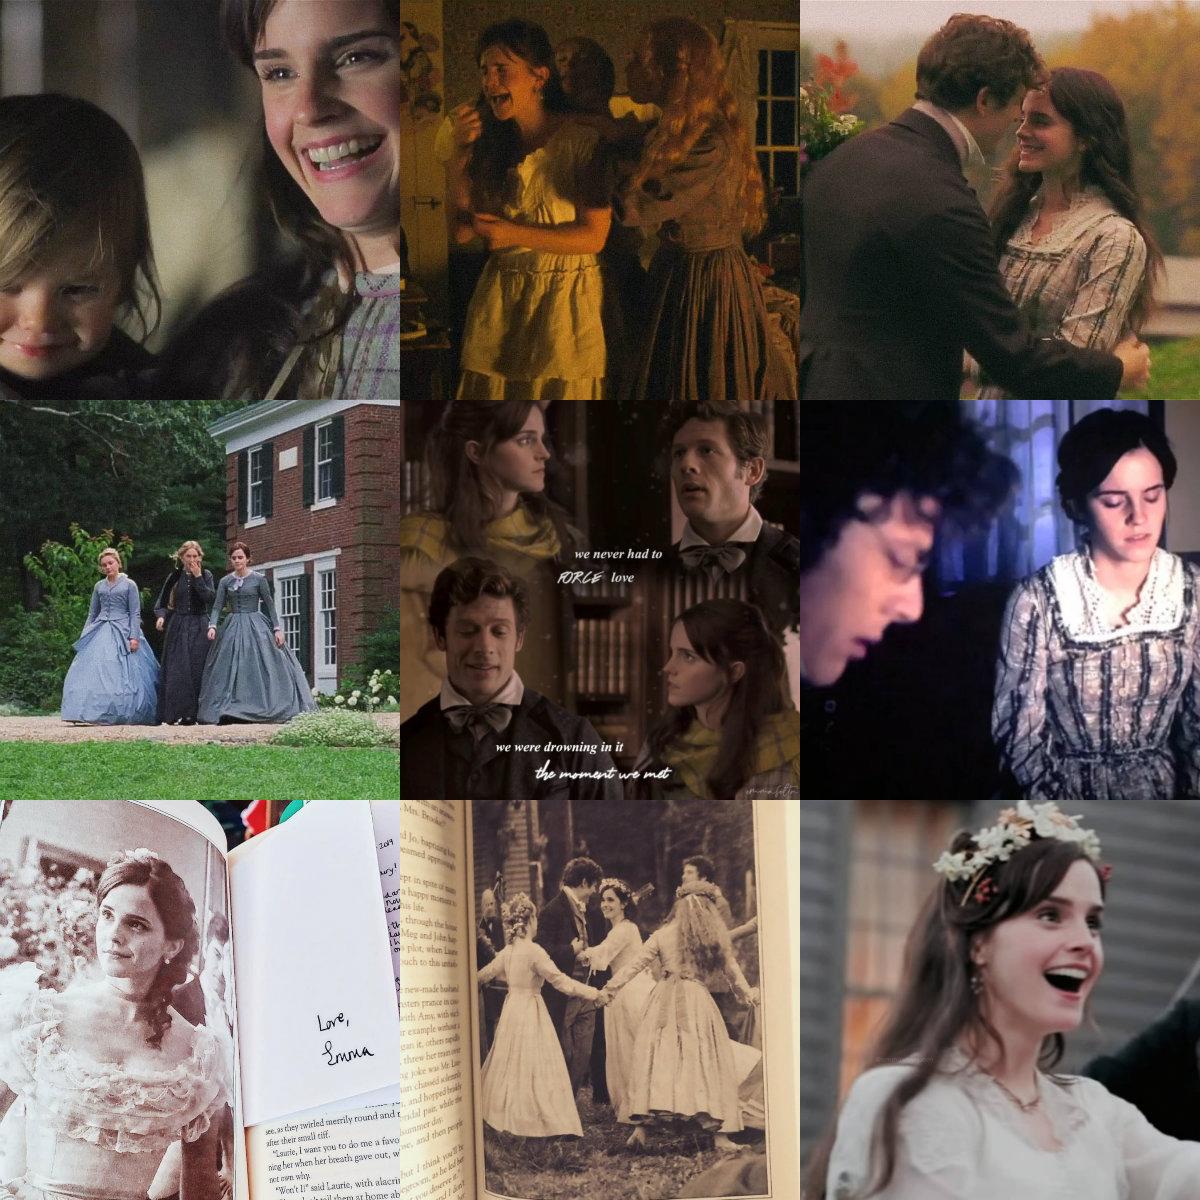 Srkpcdr On Twitter December Recap 2019 Emmawatson Movie Littlewomen Emma Watson In Little Women New Clips Photos December 30 2019 More Pictures Emma Watson As Meg March December